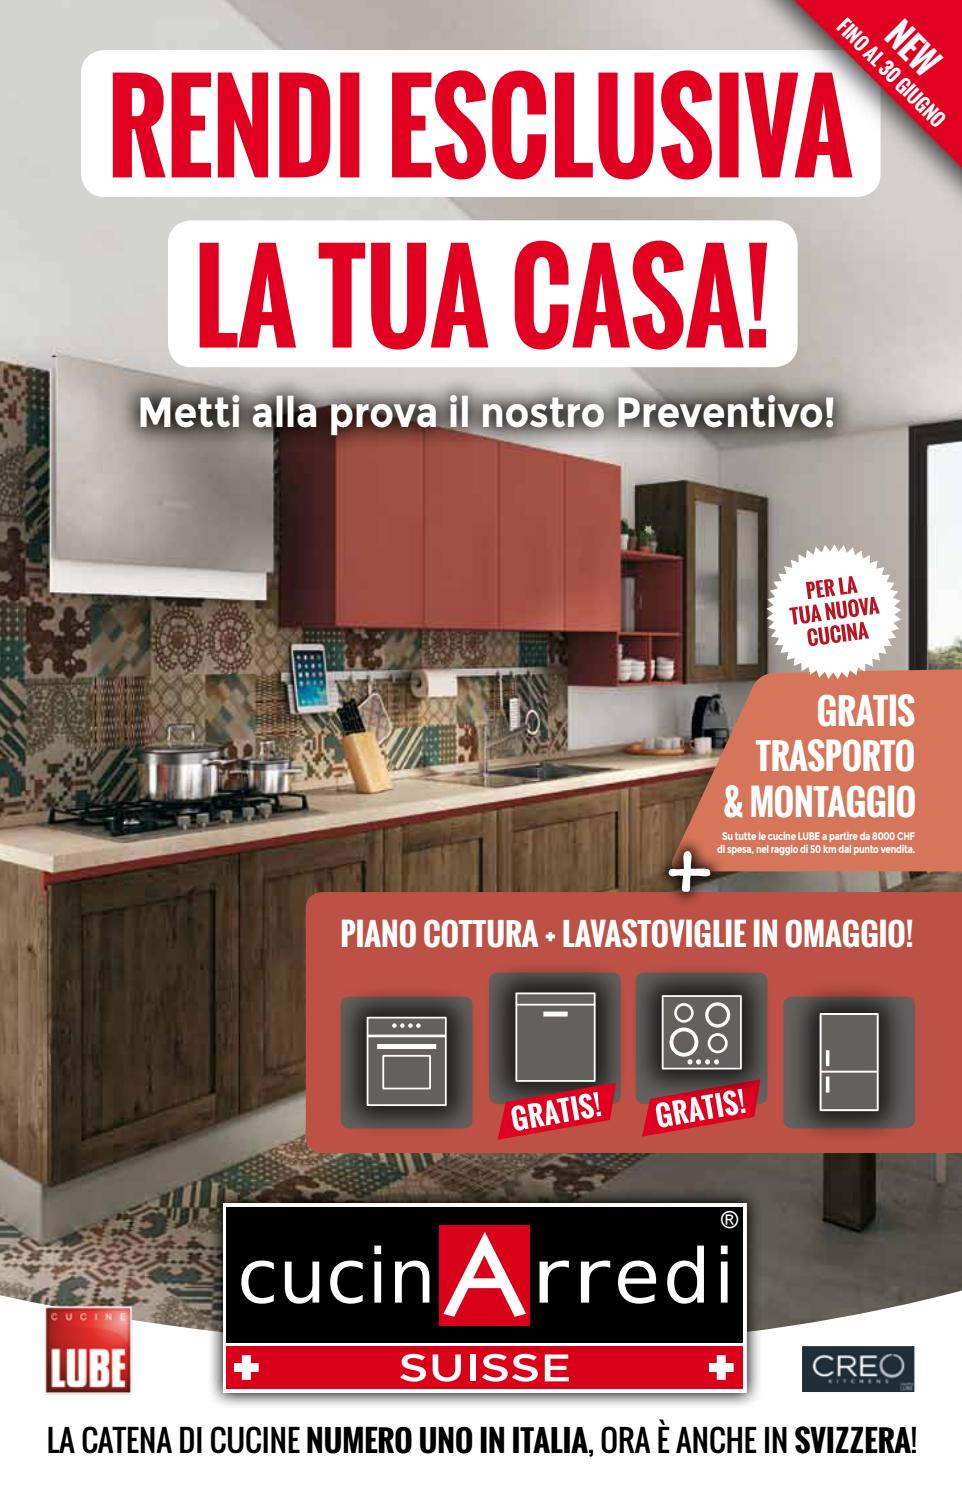 Rendi esclusiva la tua casa cucinarredi by cucinarredi for Rendi la tua casa online